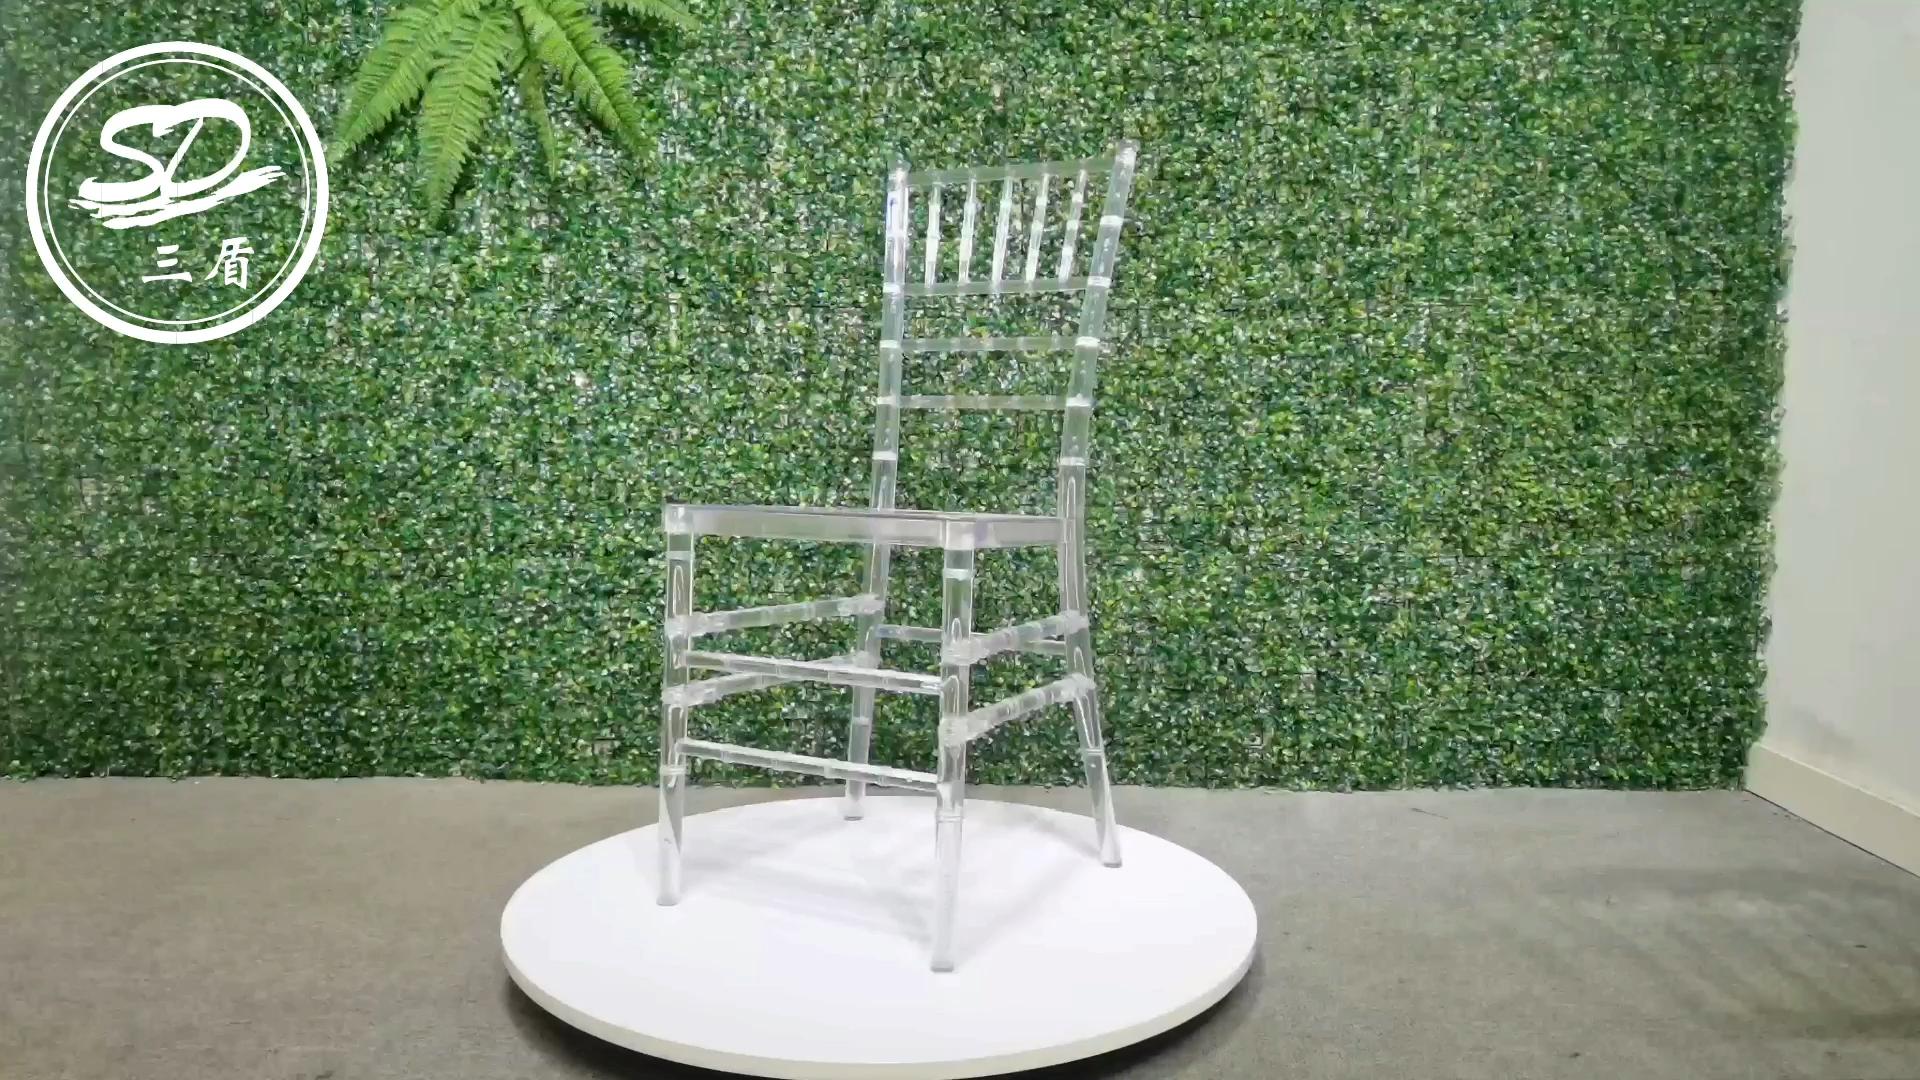 Evento da Festa de Casamento De Cristal Do Casamento de Resina acrílica Transparente Chiavari Cadeira Tiffany